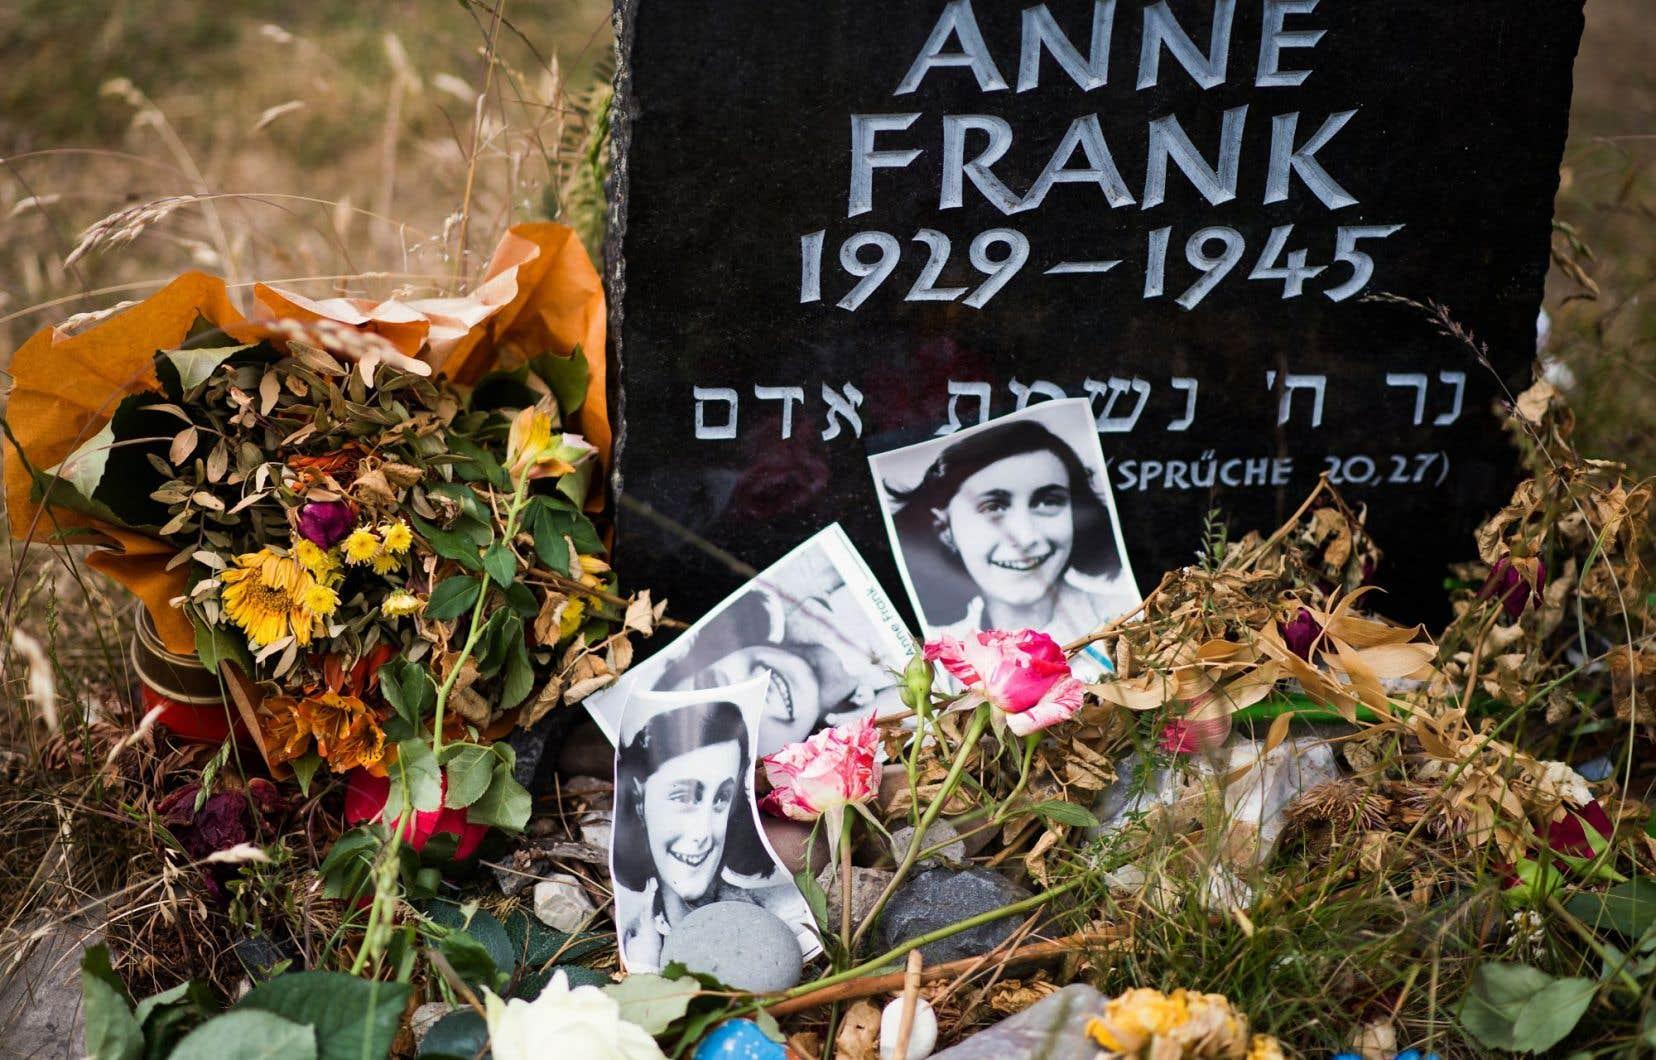 Une pierre à la mémoire d'Anne Frank sur le site de l'ancien camp de concentration Bergen-Belsen, en Allemagne, est décorée de fleurs. Selon l'interprétation du conférencier français Olivier Ertzscheid, le journal est libre de droits 100ans après la mort de son auteure.